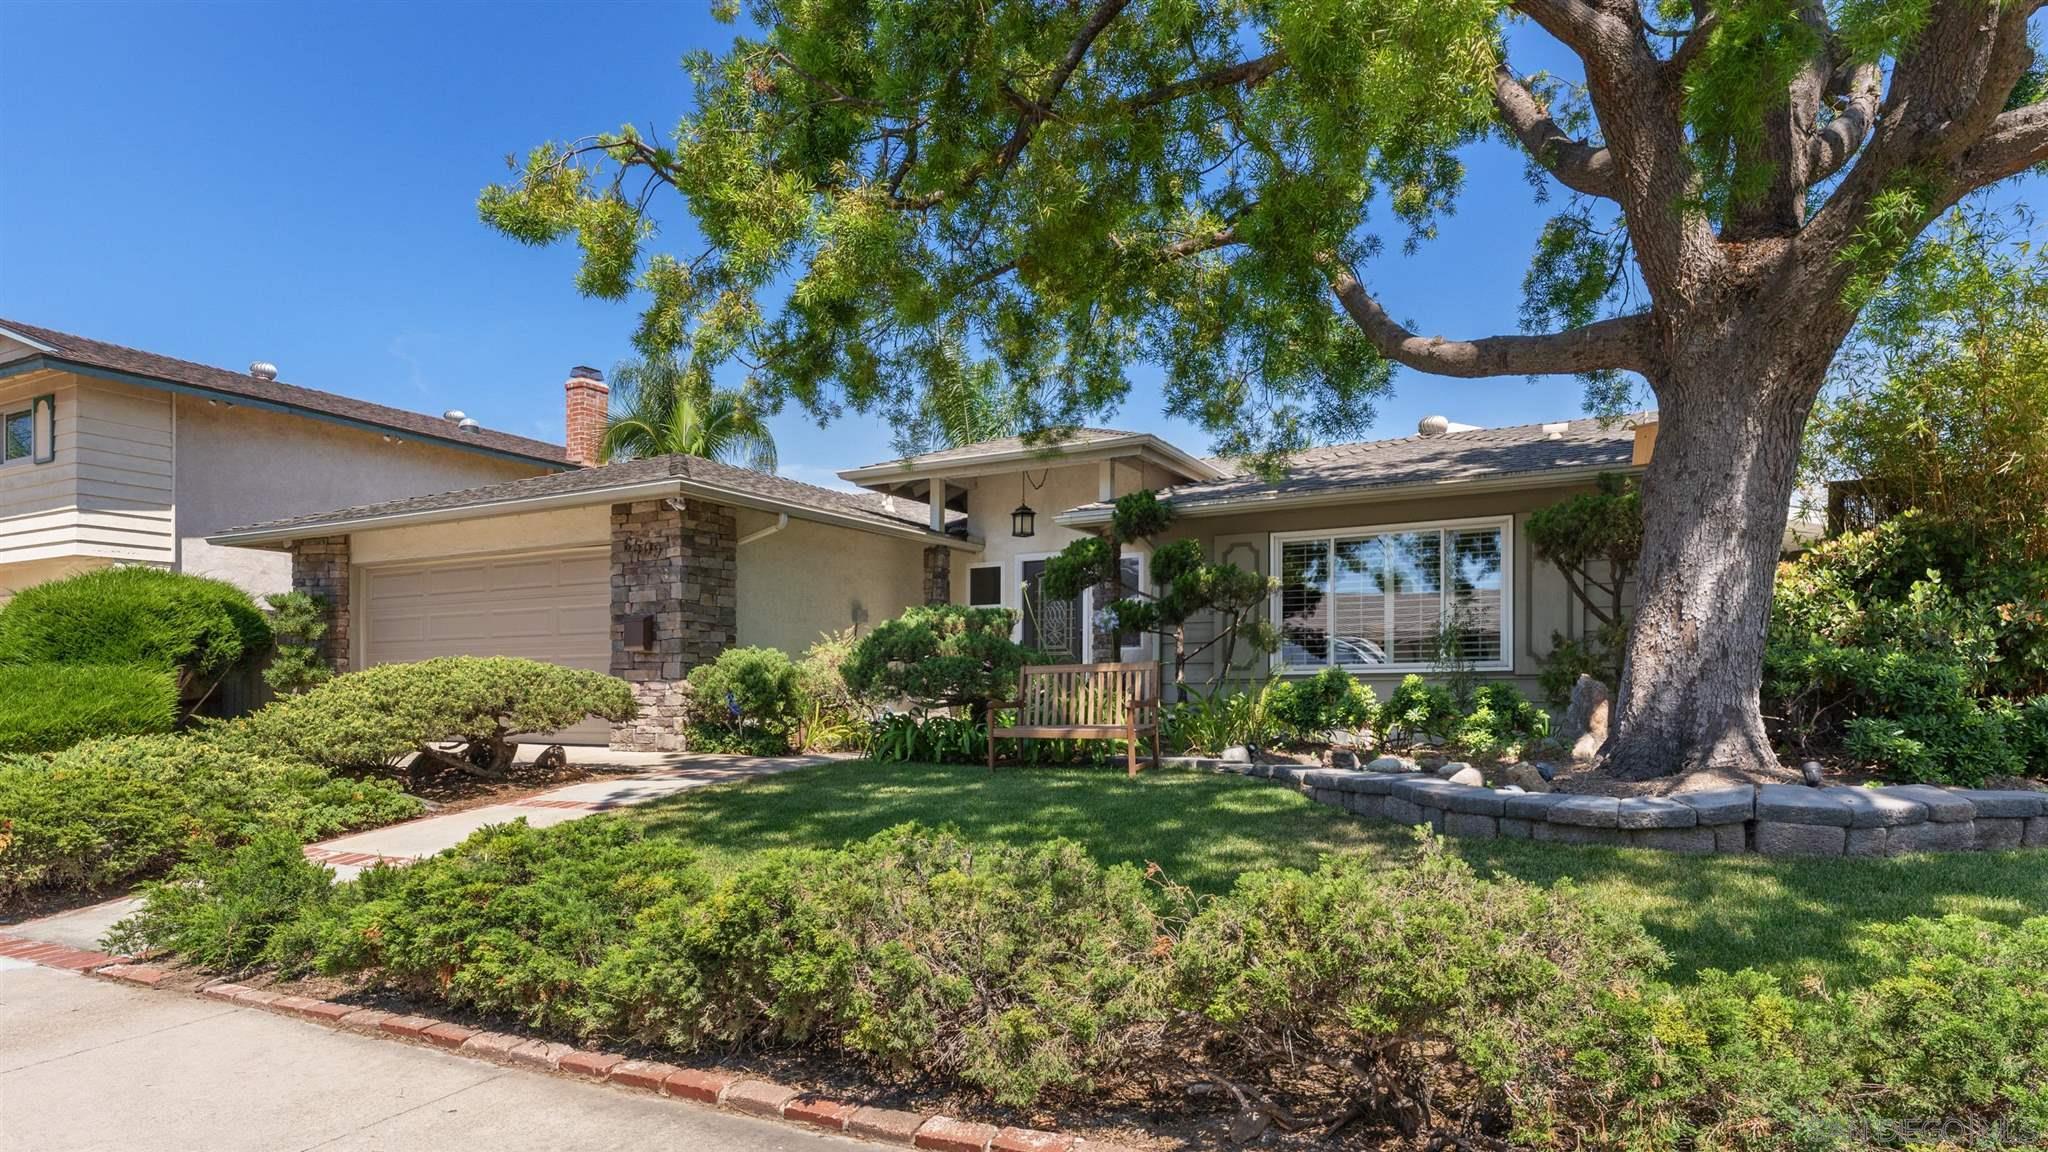 6509 Bonnie View Dr, San Diego, CA 92119